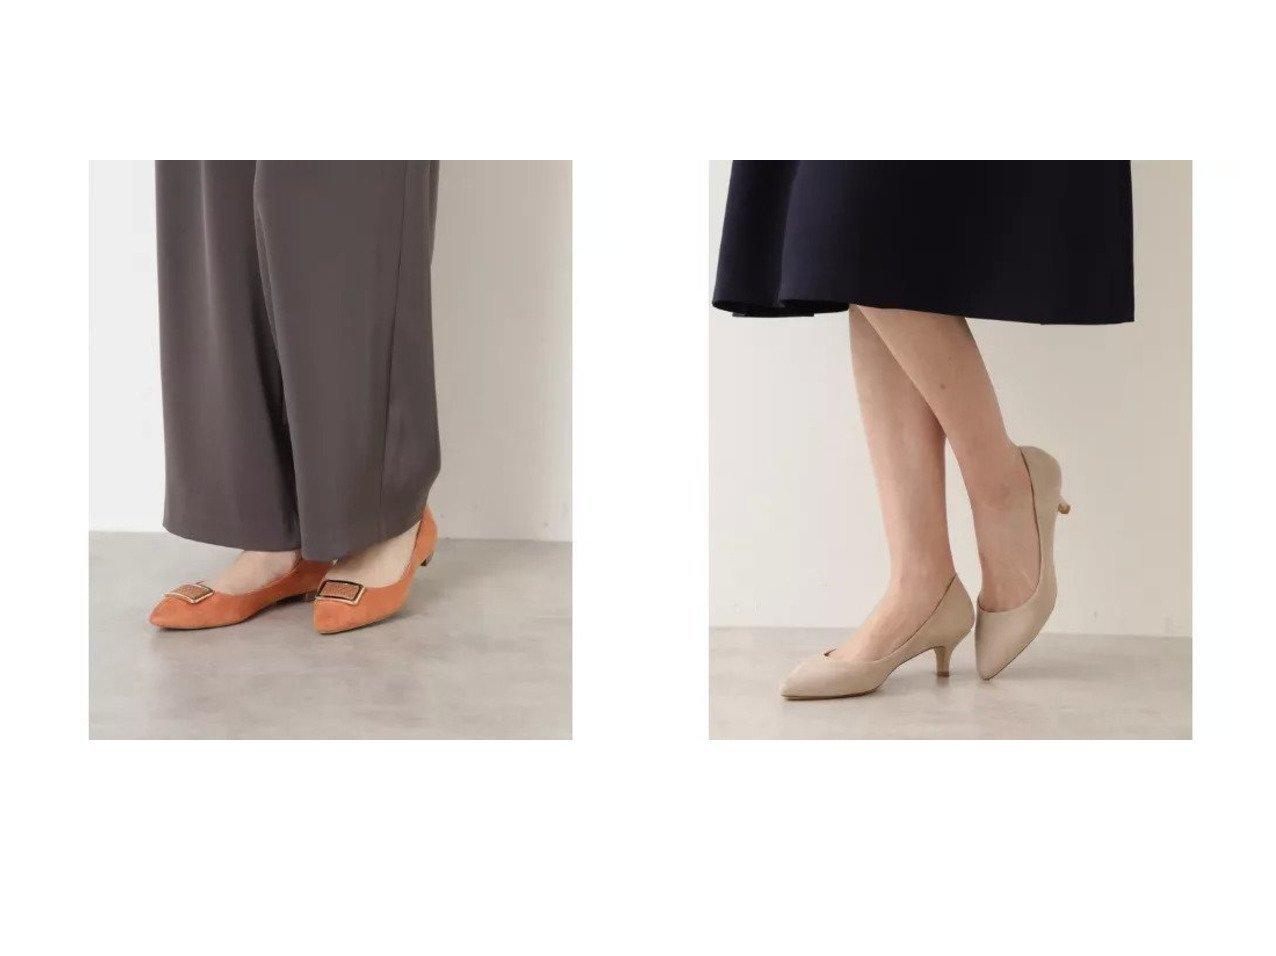 【NATURAL BEAUTY BASIC/ナチュラル ビューティー ベーシック】のエンボスバックルカッター&撥水エアリーパンプス シューズ・靴のおすすめ!人気、トレンド・レディースファッションの通販  おすすめで人気の流行・トレンド、ファッションの通販商品 メンズファッション・キッズファッション・インテリア・家具・レディースファッション・服の通販 founy(ファニー) https://founy.com/ ファッション Fashion レディースファッション WOMEN バッグ Bag シューズ メッシュ フィット  ID:crp329100000019262